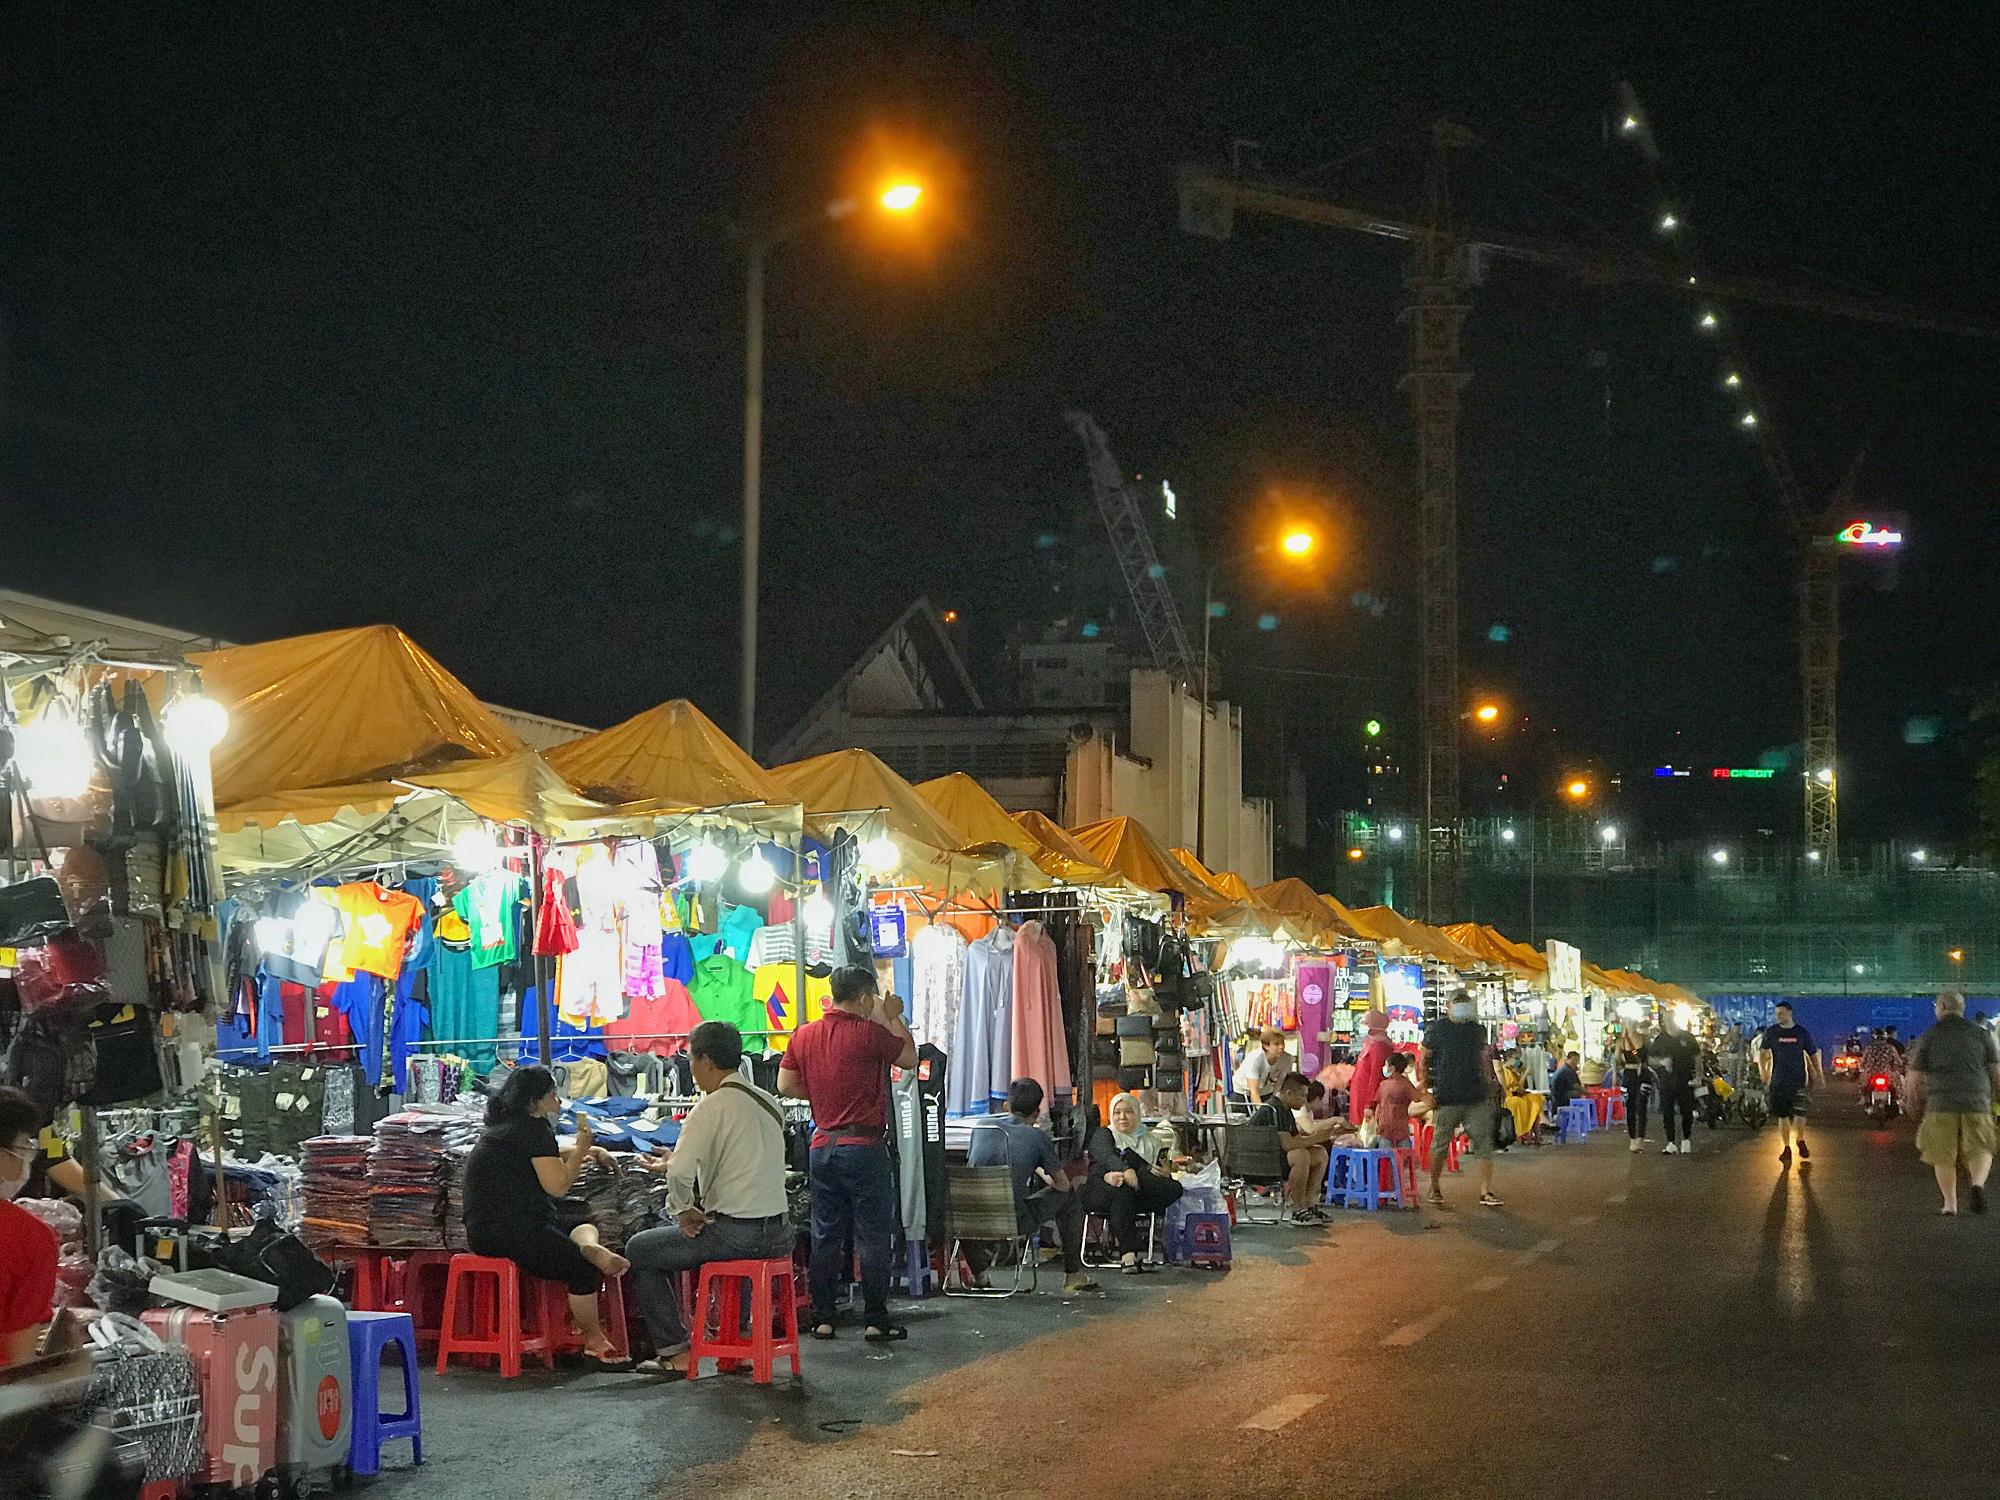 """Sài Gòn 16/3: Các điểm vui chơi, du lịch tham quan tại quận 1 """"vắng lặng"""" giữa mùa dịch Corona - Ảnh 2."""